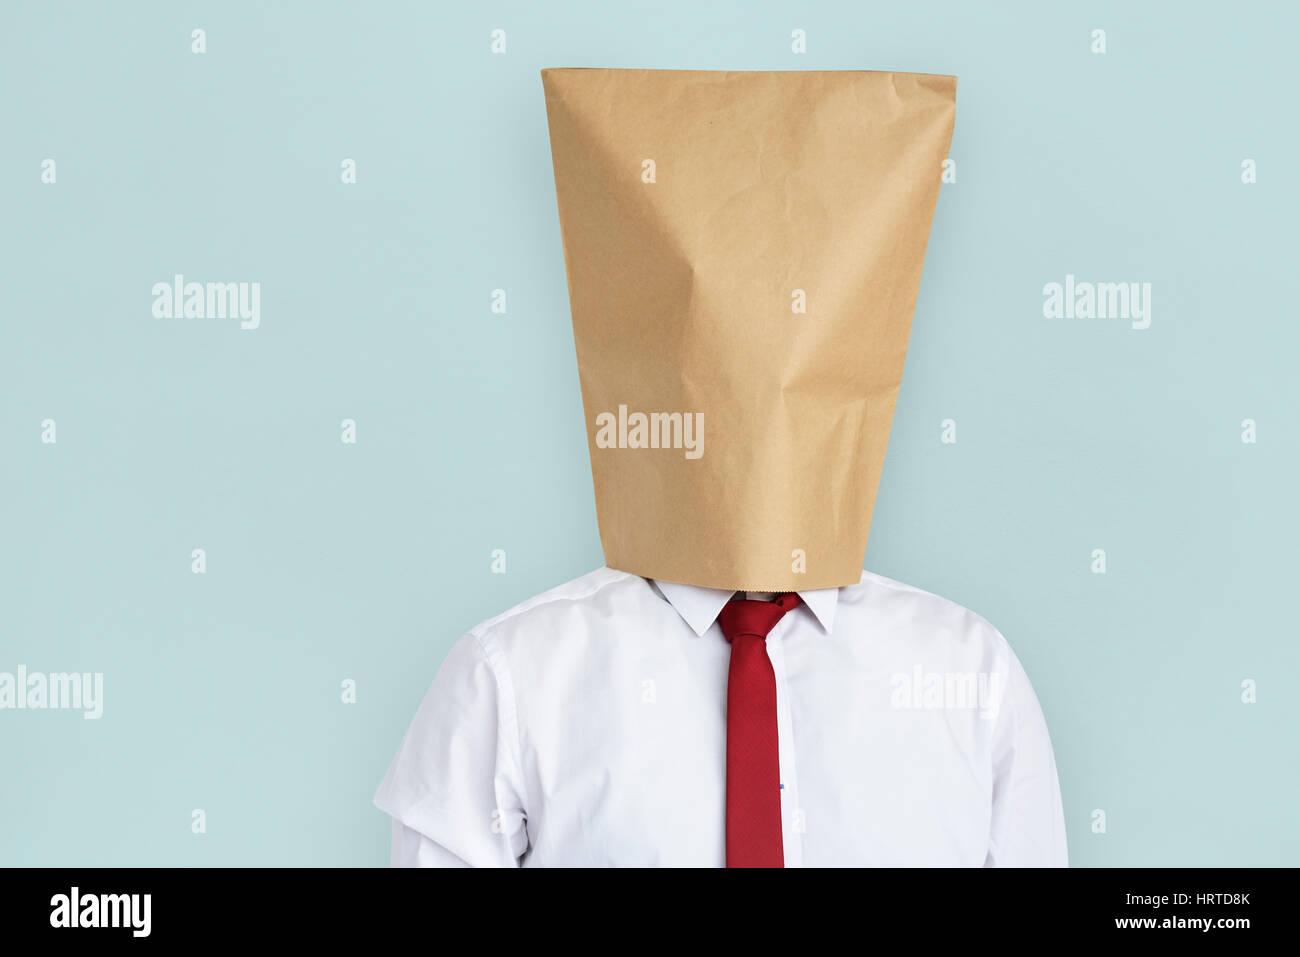 Mann Papier Tasche Cover Gesicht schämen Porträt Konzept Stockbild